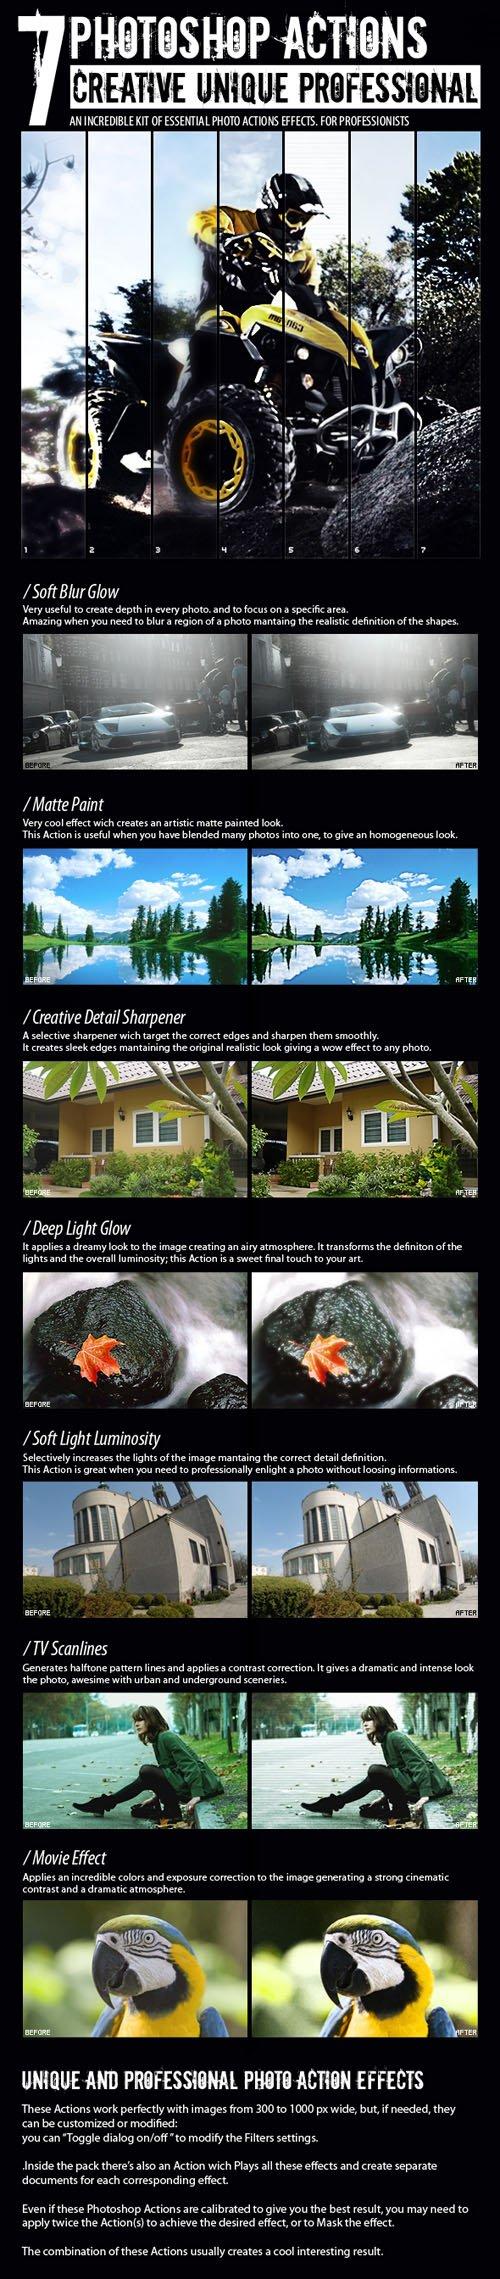 7 Creative Unique Professional Photoshop Actions